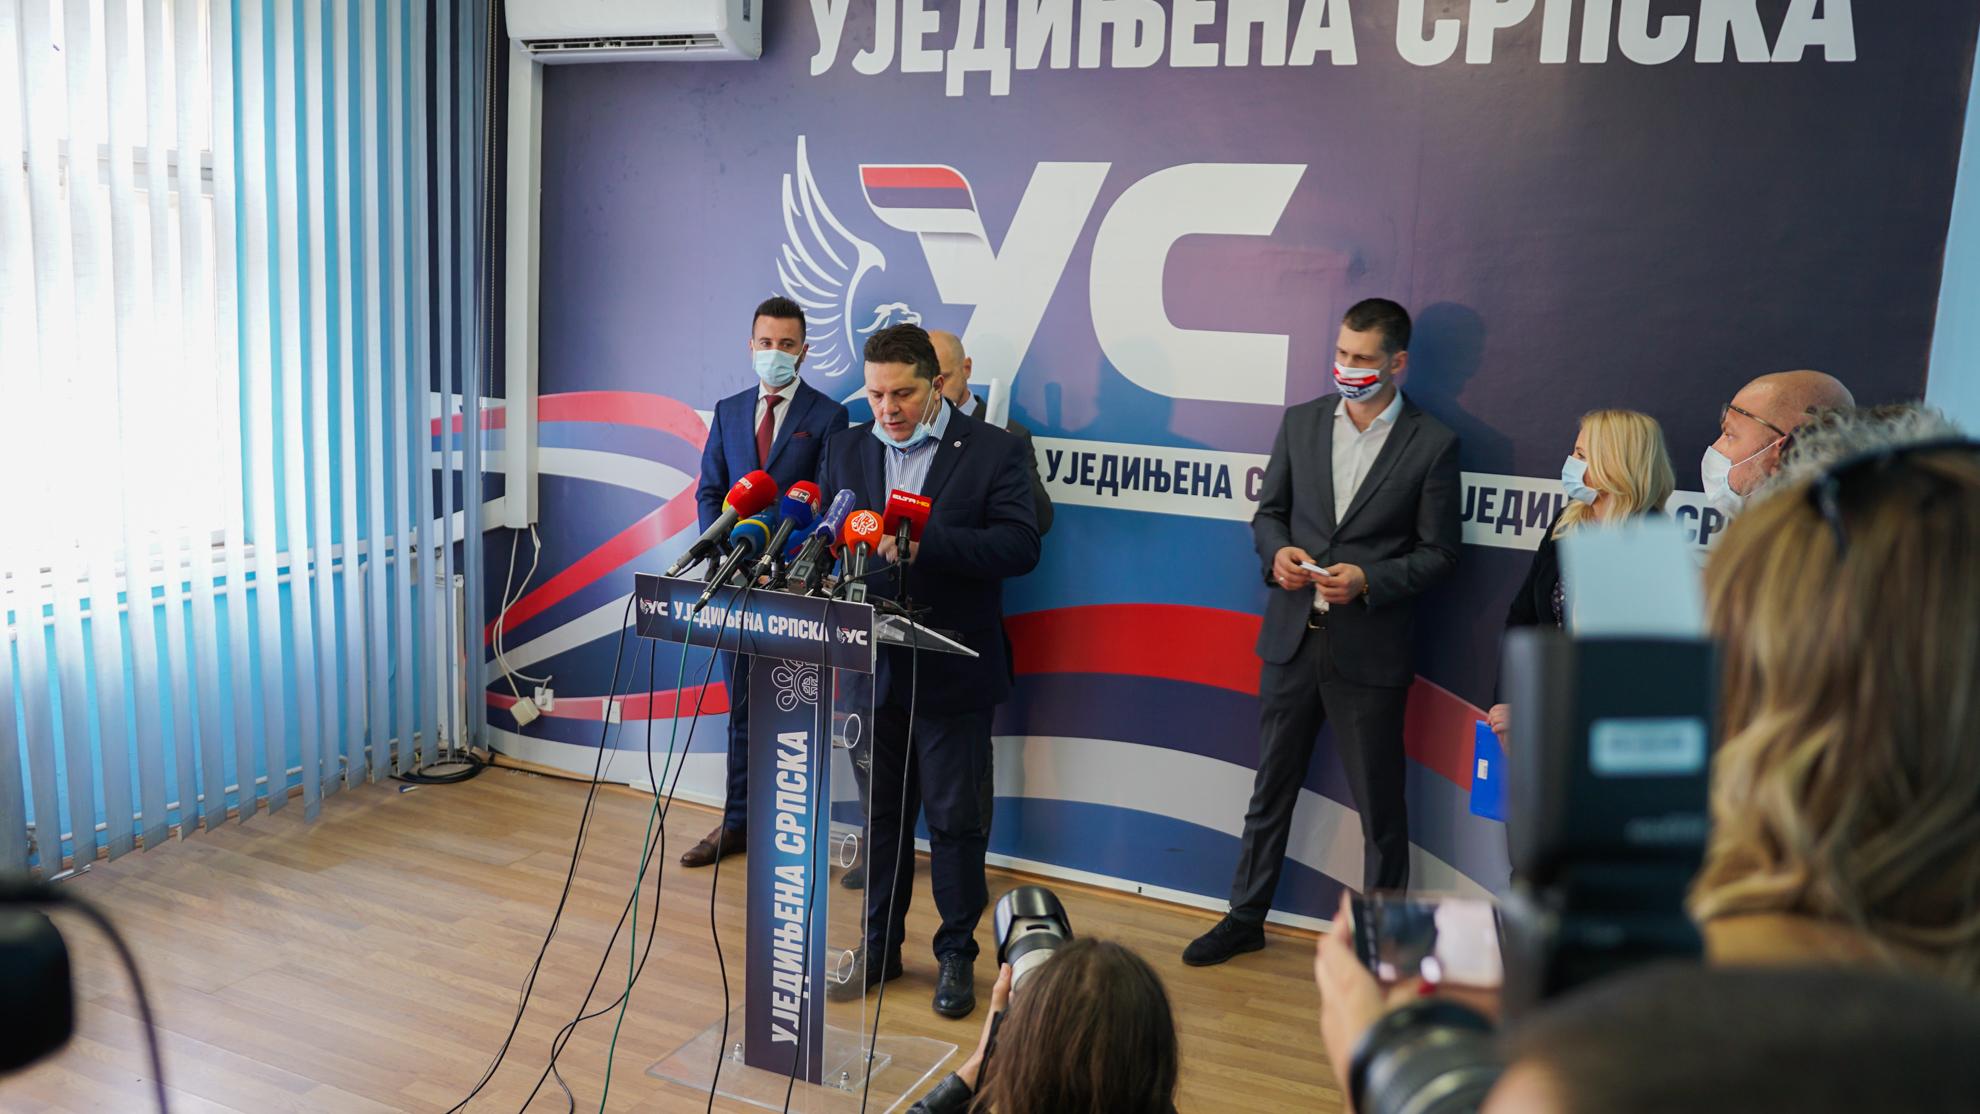 Press Ujedinjene Srpske / FOTO: GERILA